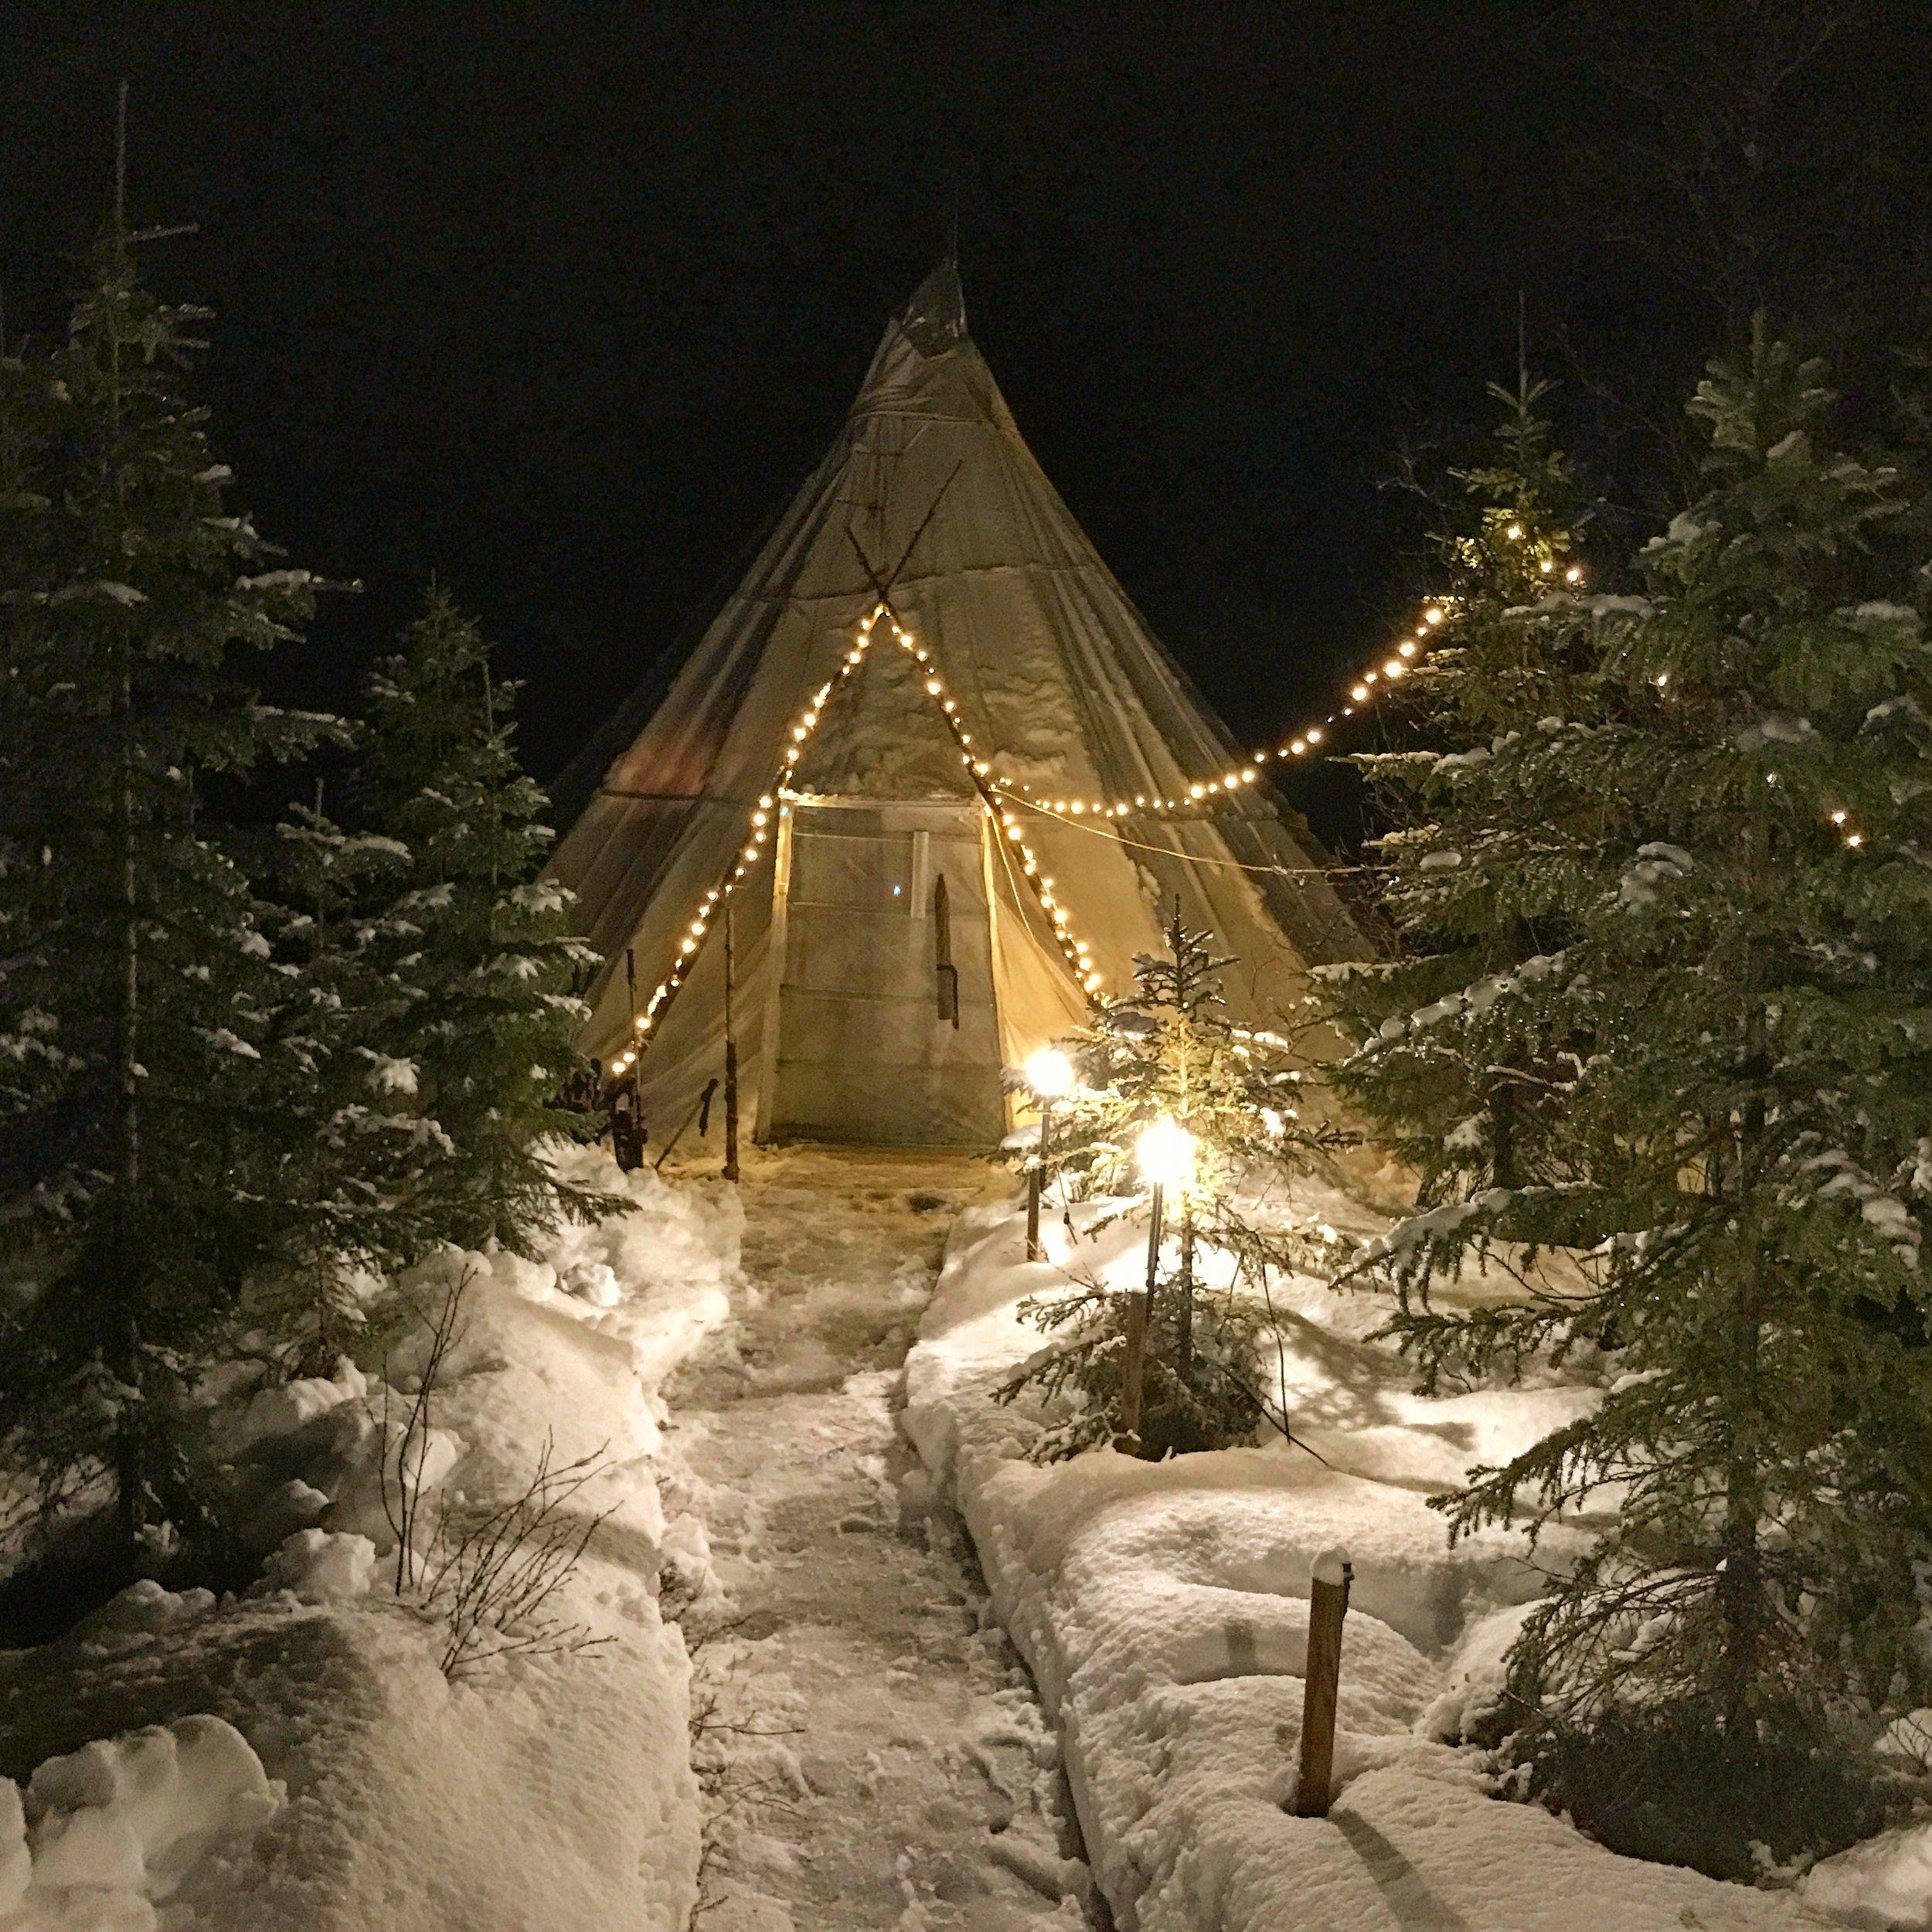 Norway_Teepee_Hotel.jpg